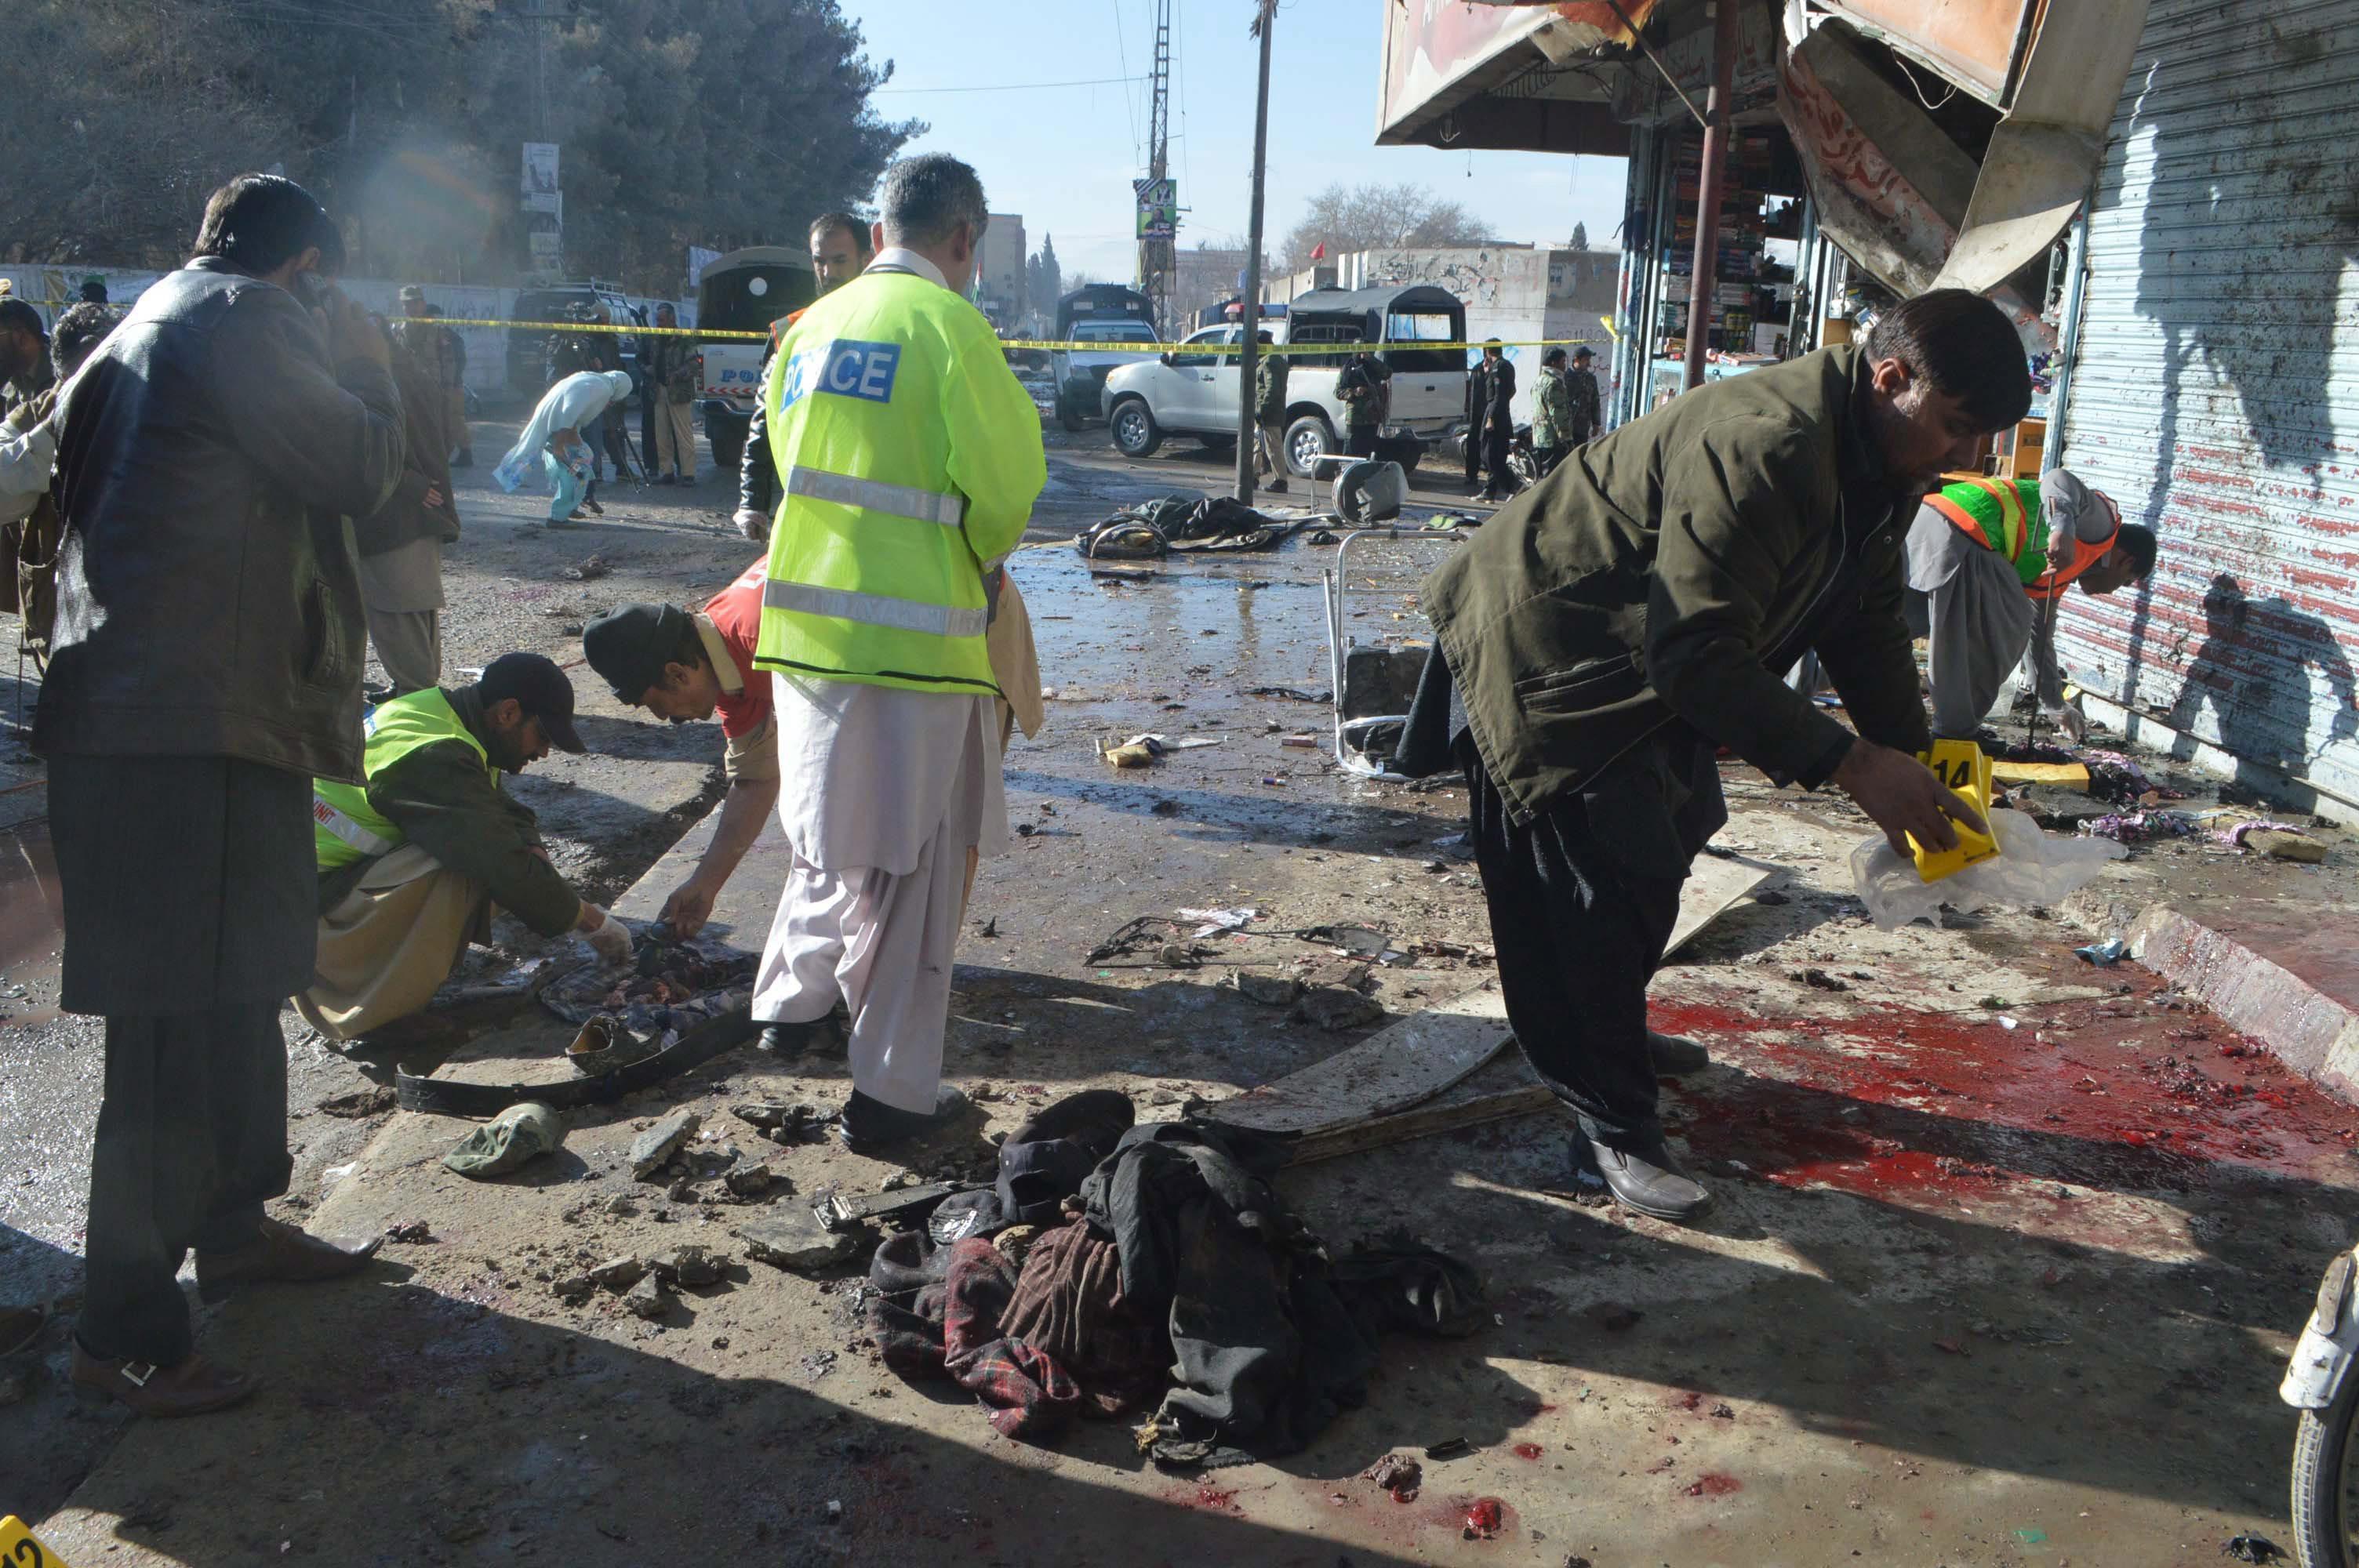 Zamach Photo: Tragico Attentato In Pakistan: Uccise 14 Persone